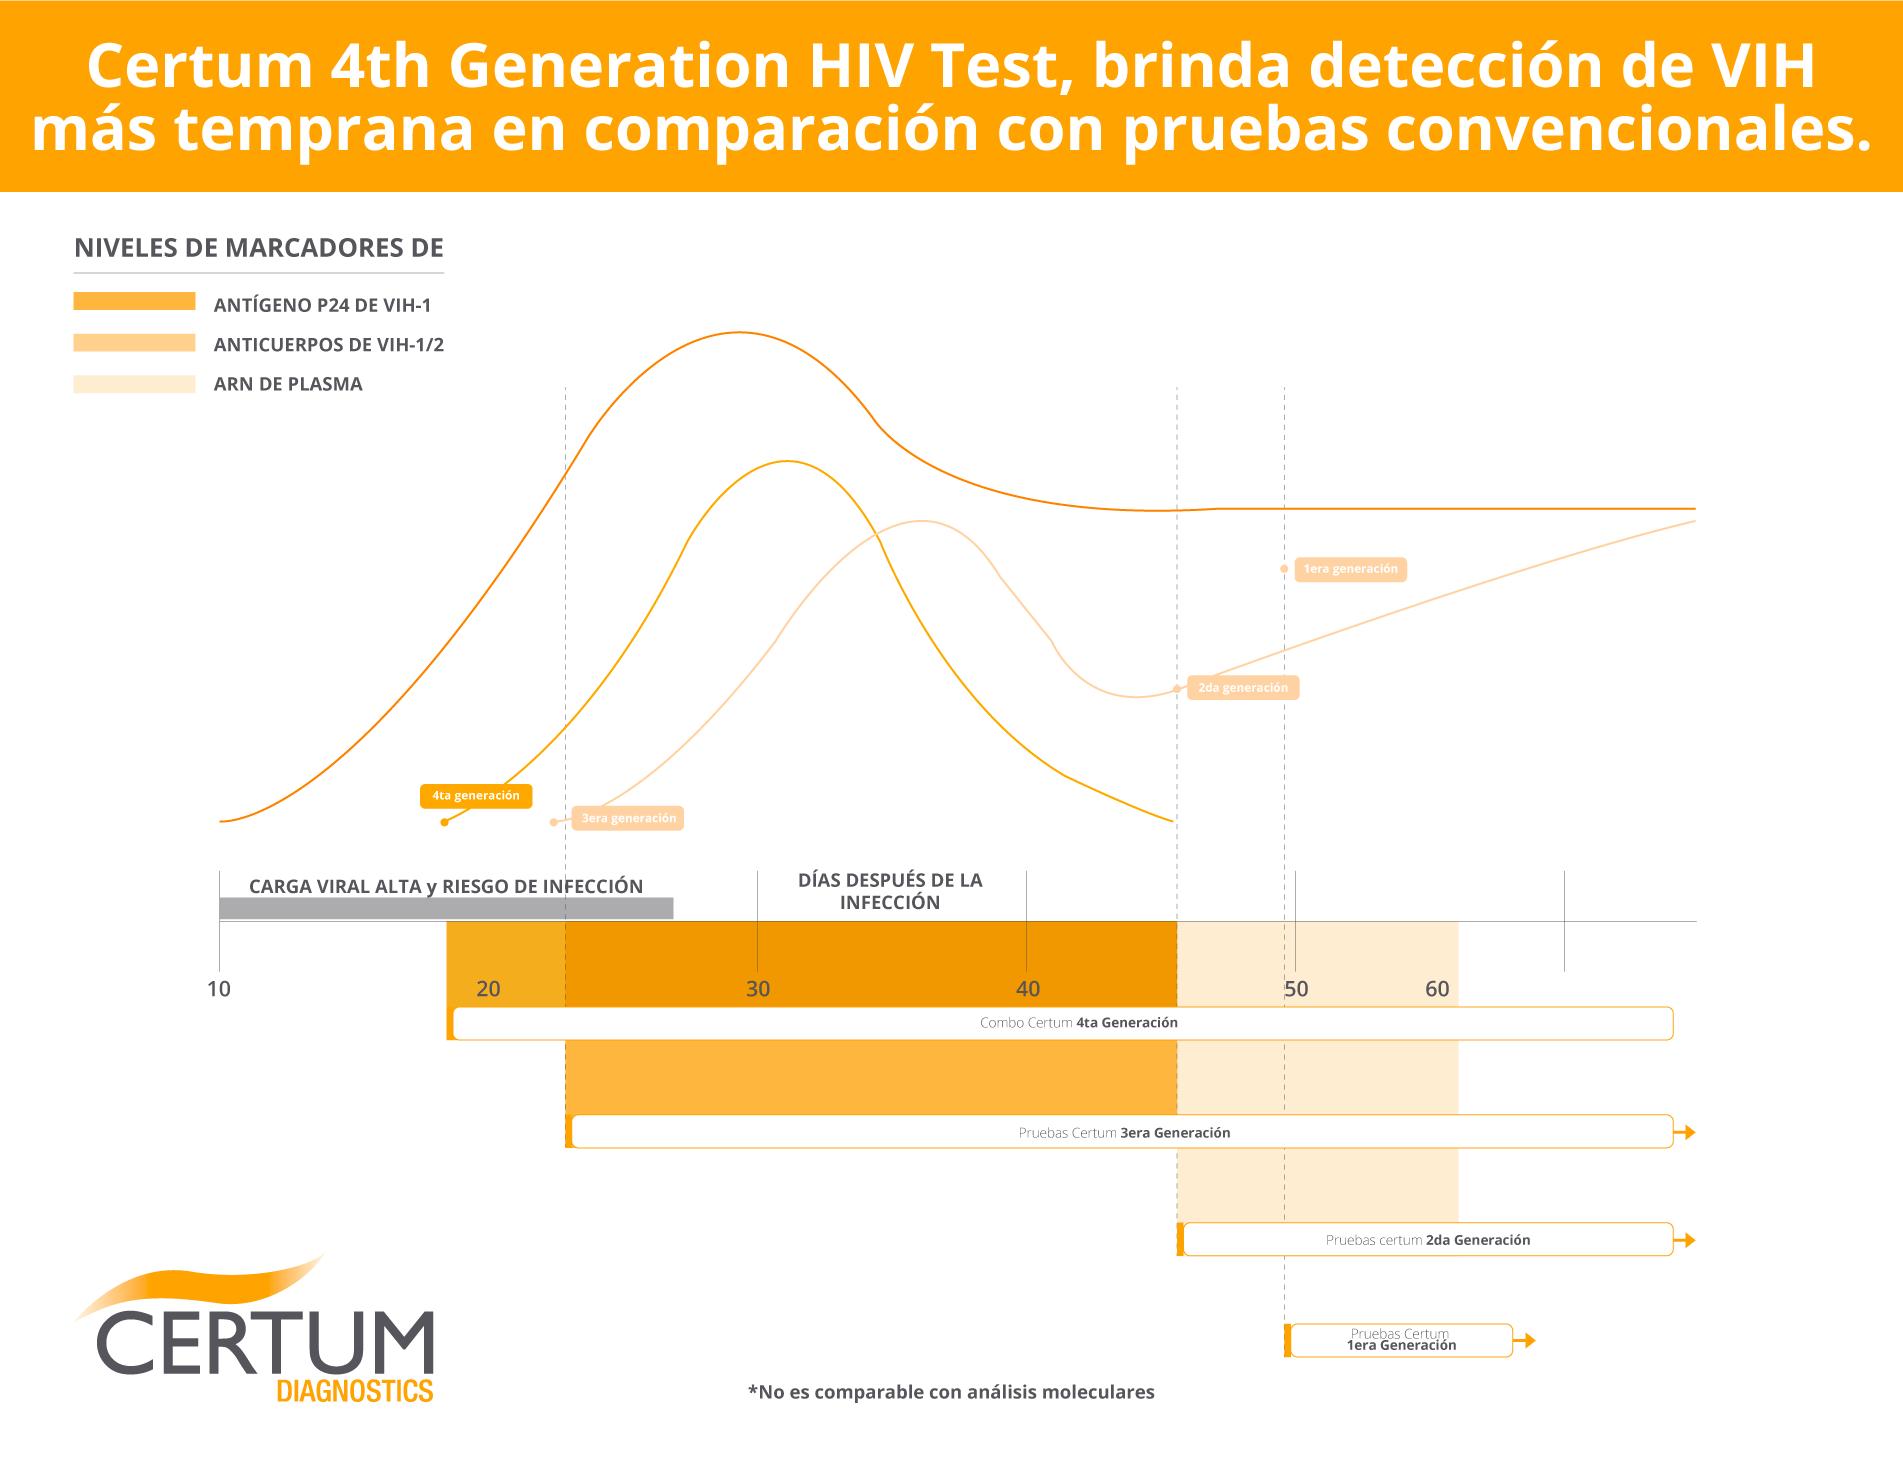 comparativo-hiv-cuarta-generacion-con-otras-pruebas